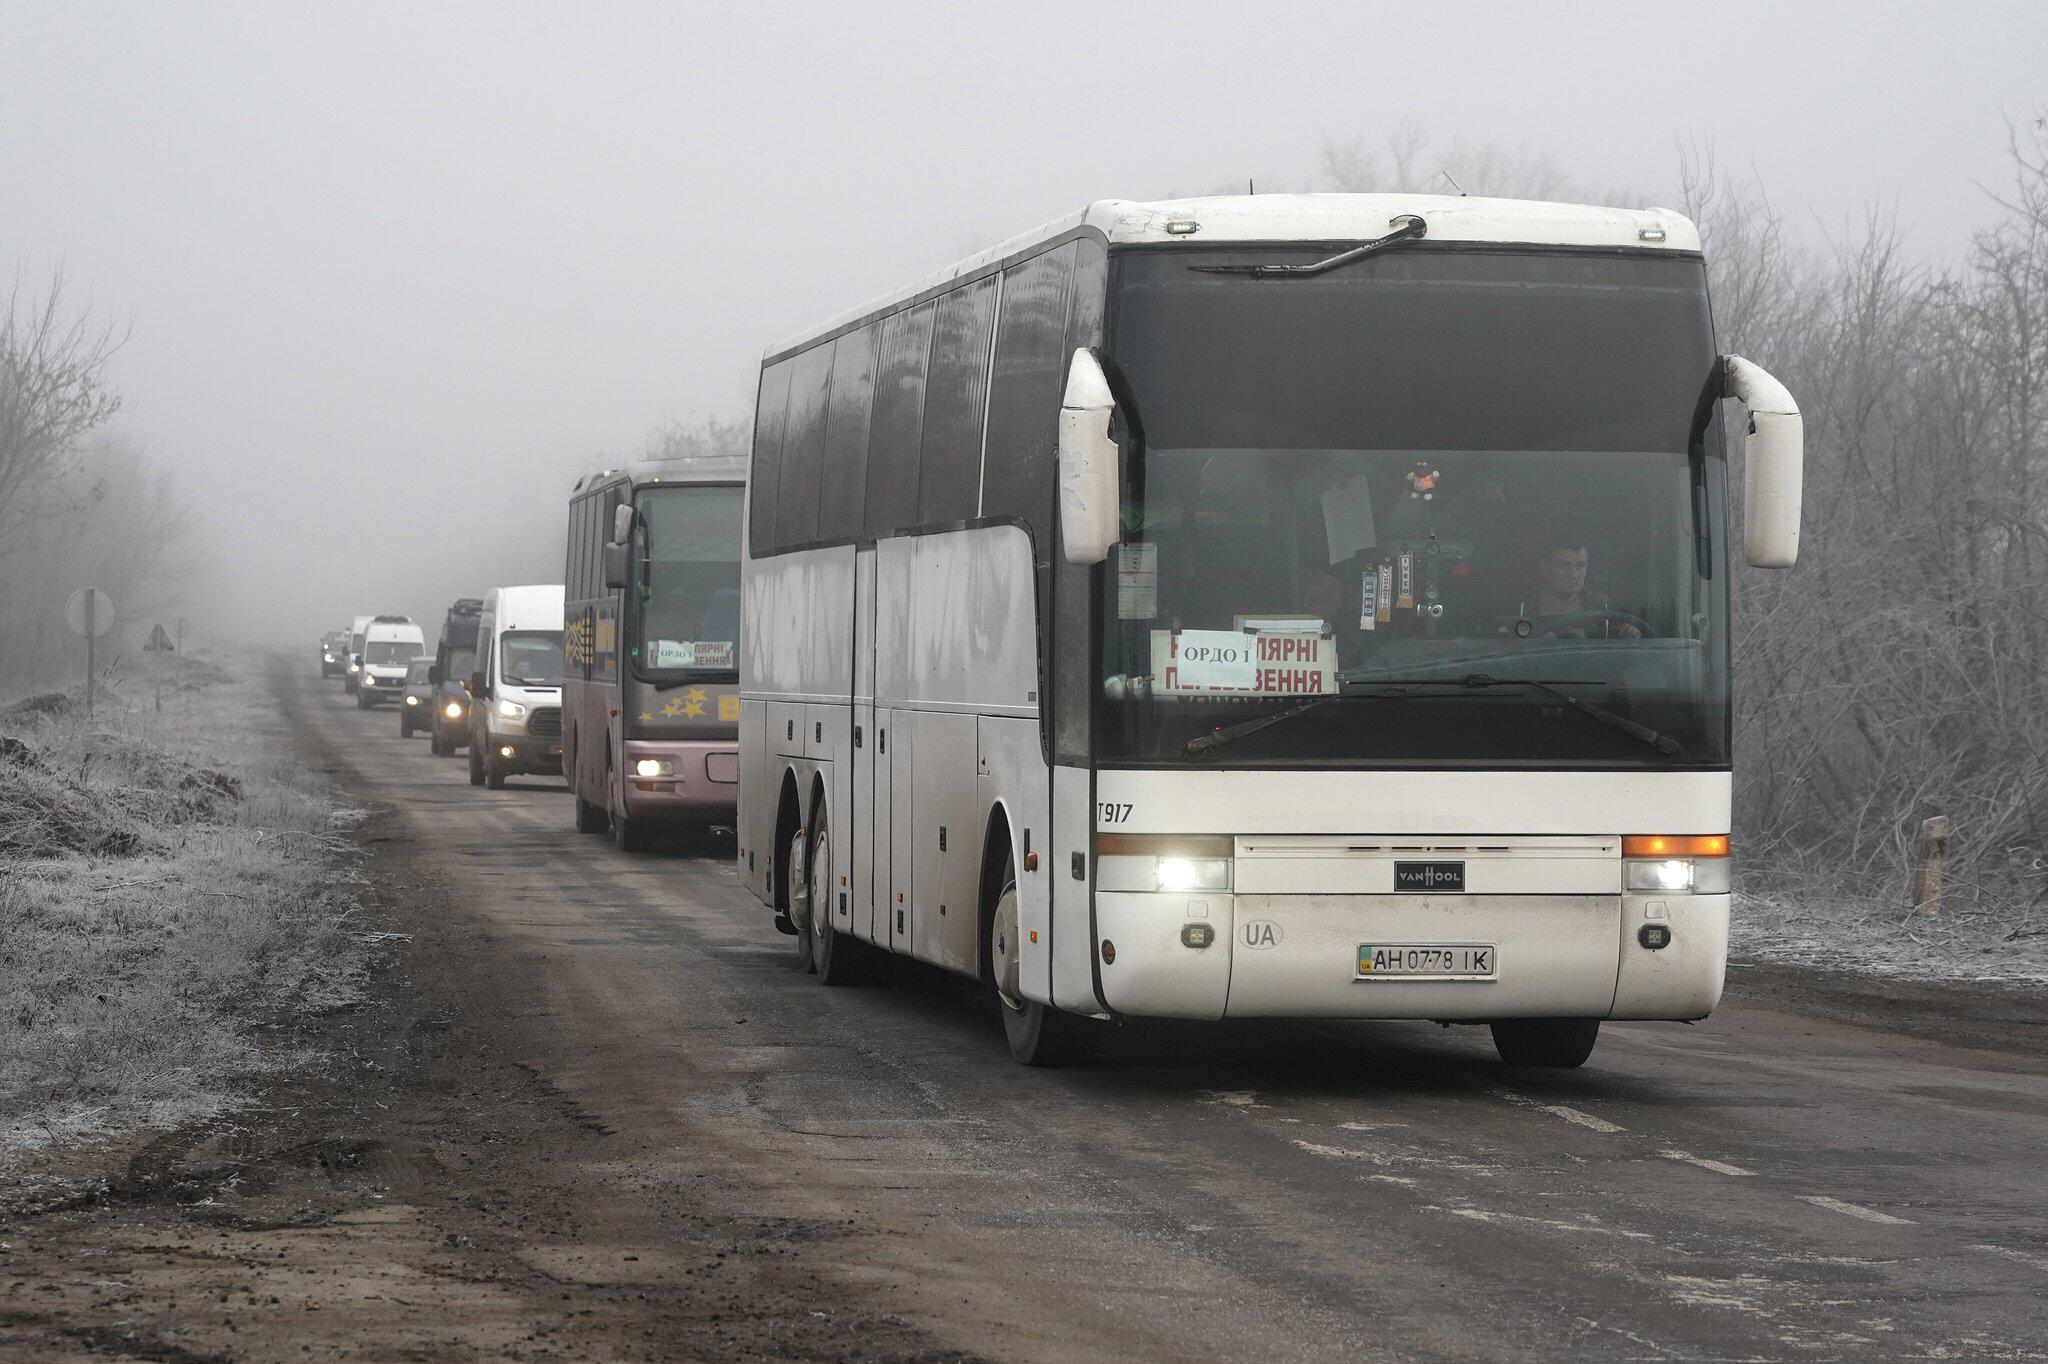 Bild zu Ukraine-Konflikt - Gefangenenaustausch